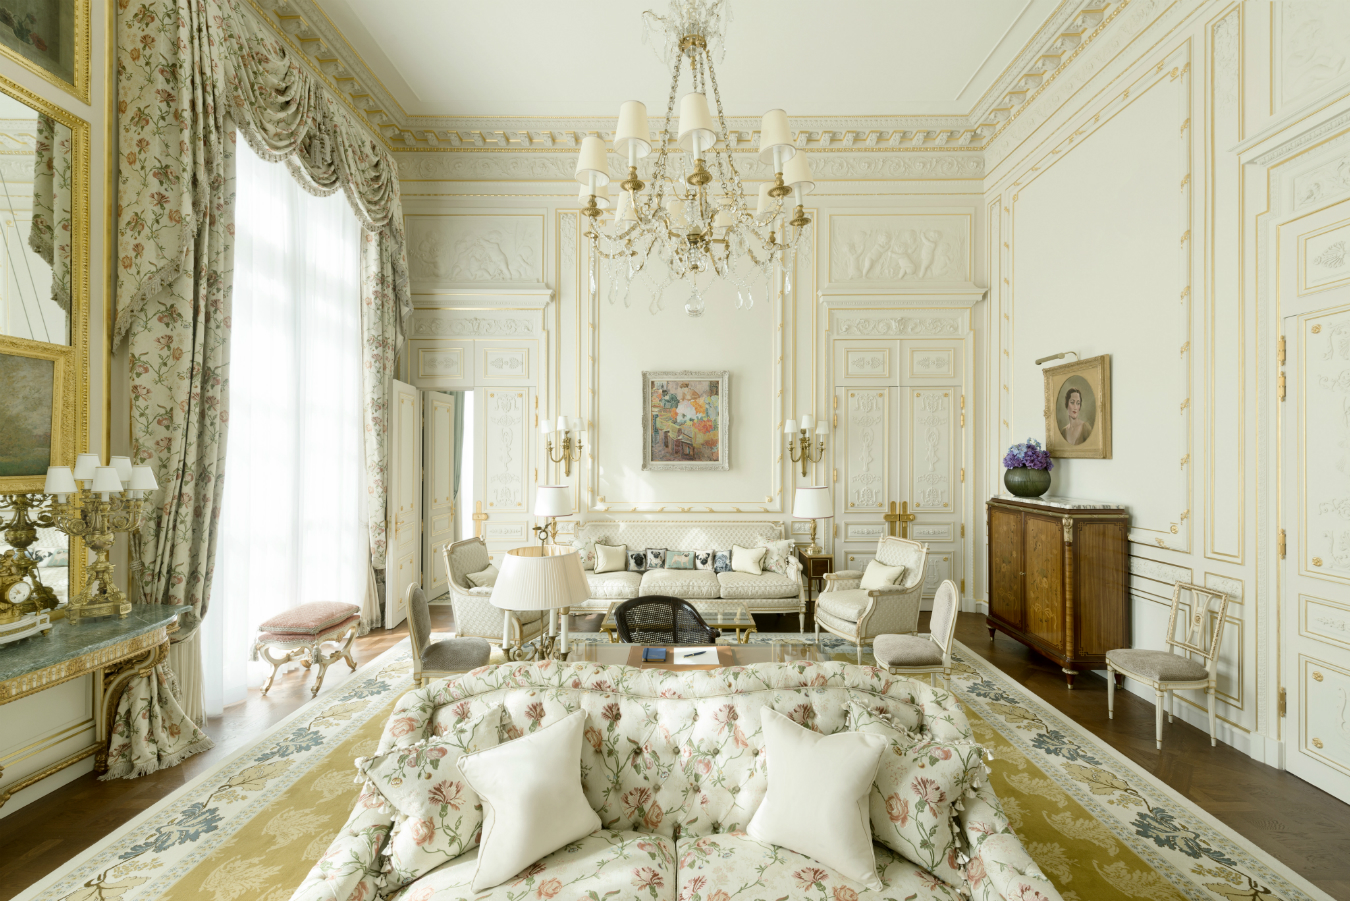 Inside the Hôtel Ritz Paris